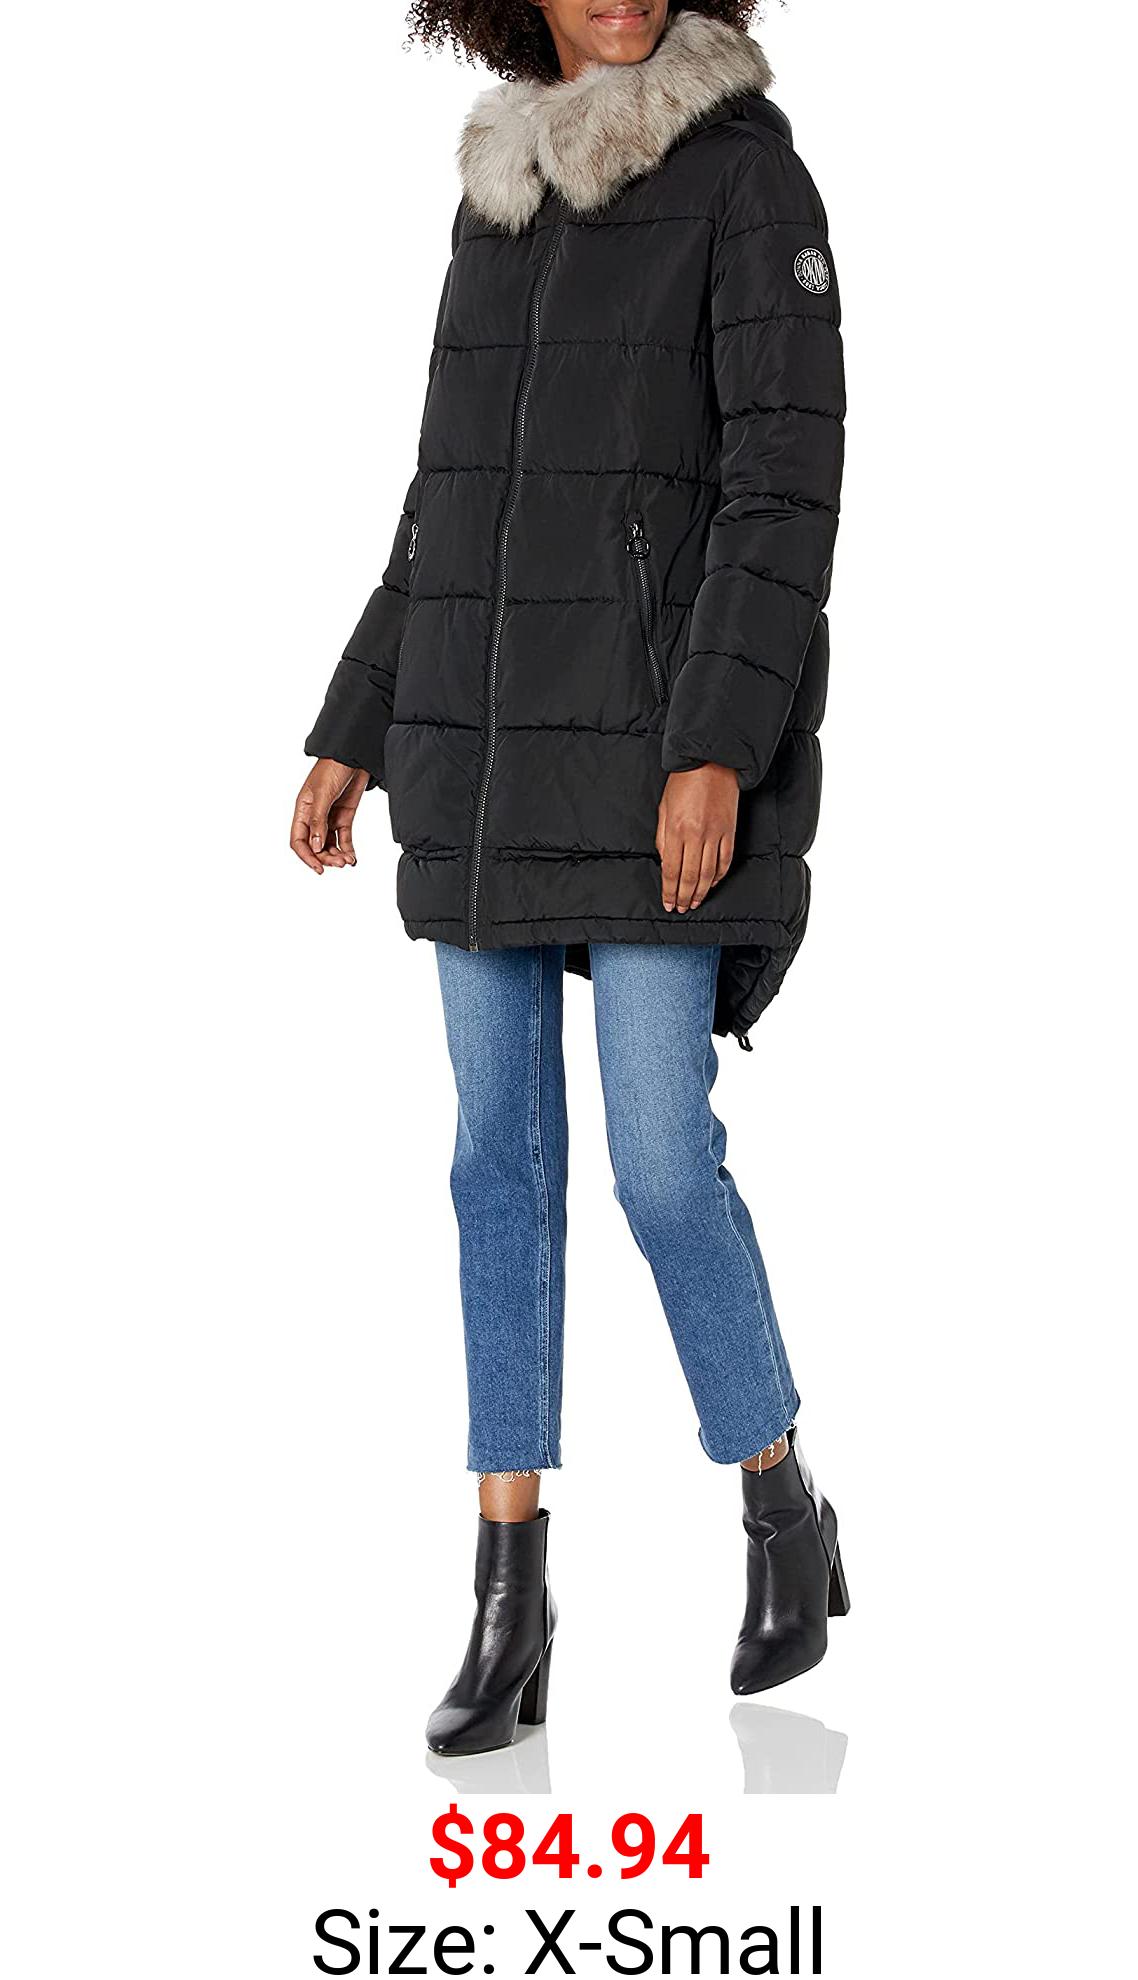 DKNY Women's Down Puffer Coat